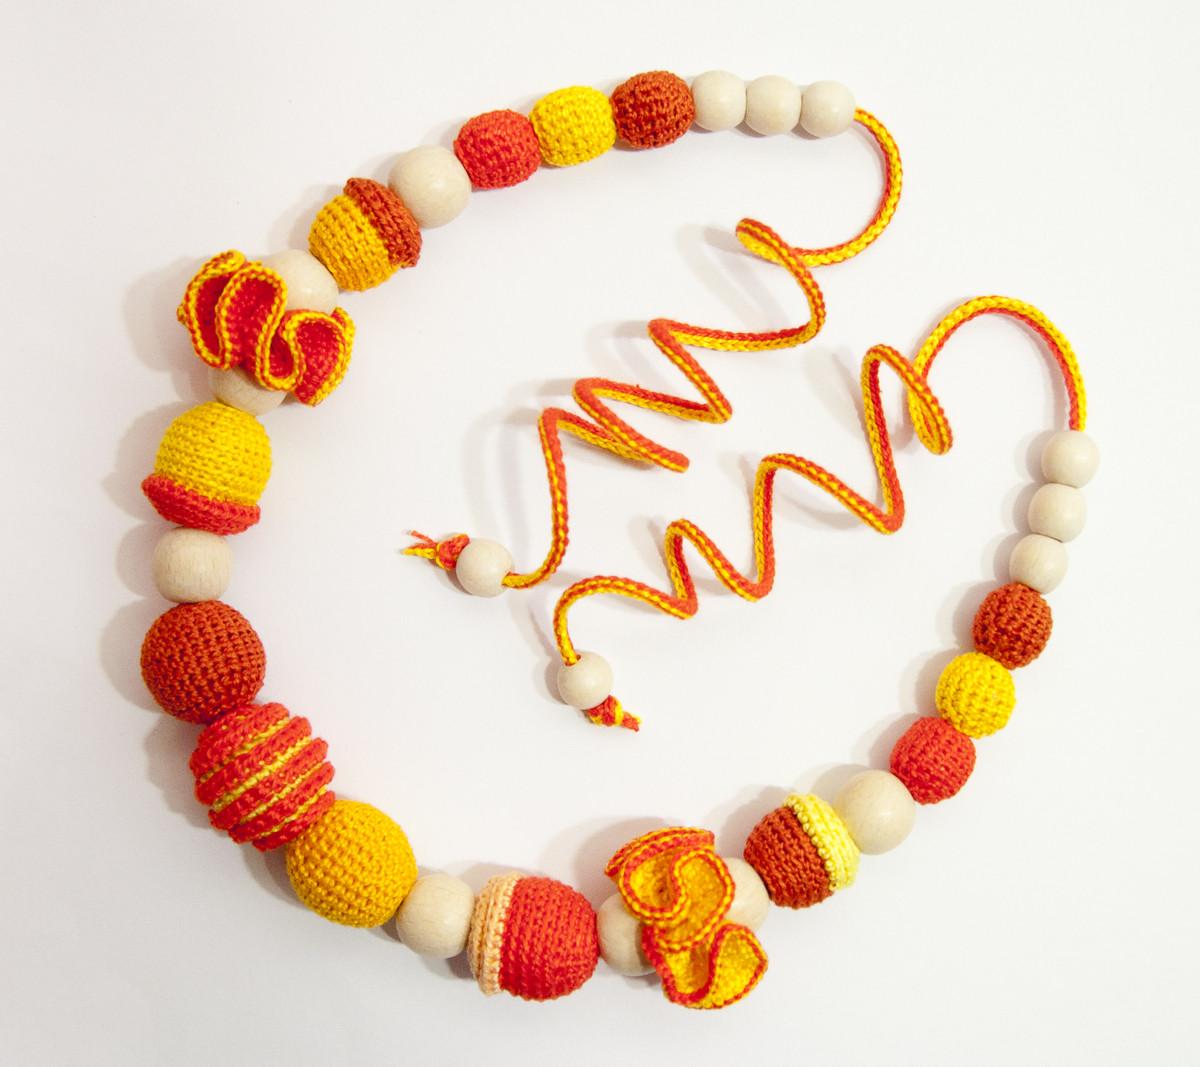 """Слингобусы Ярмирина """"Апельсинки Цветы"""" с рельефными бусинами, буковые, коллекционные, фото 1"""